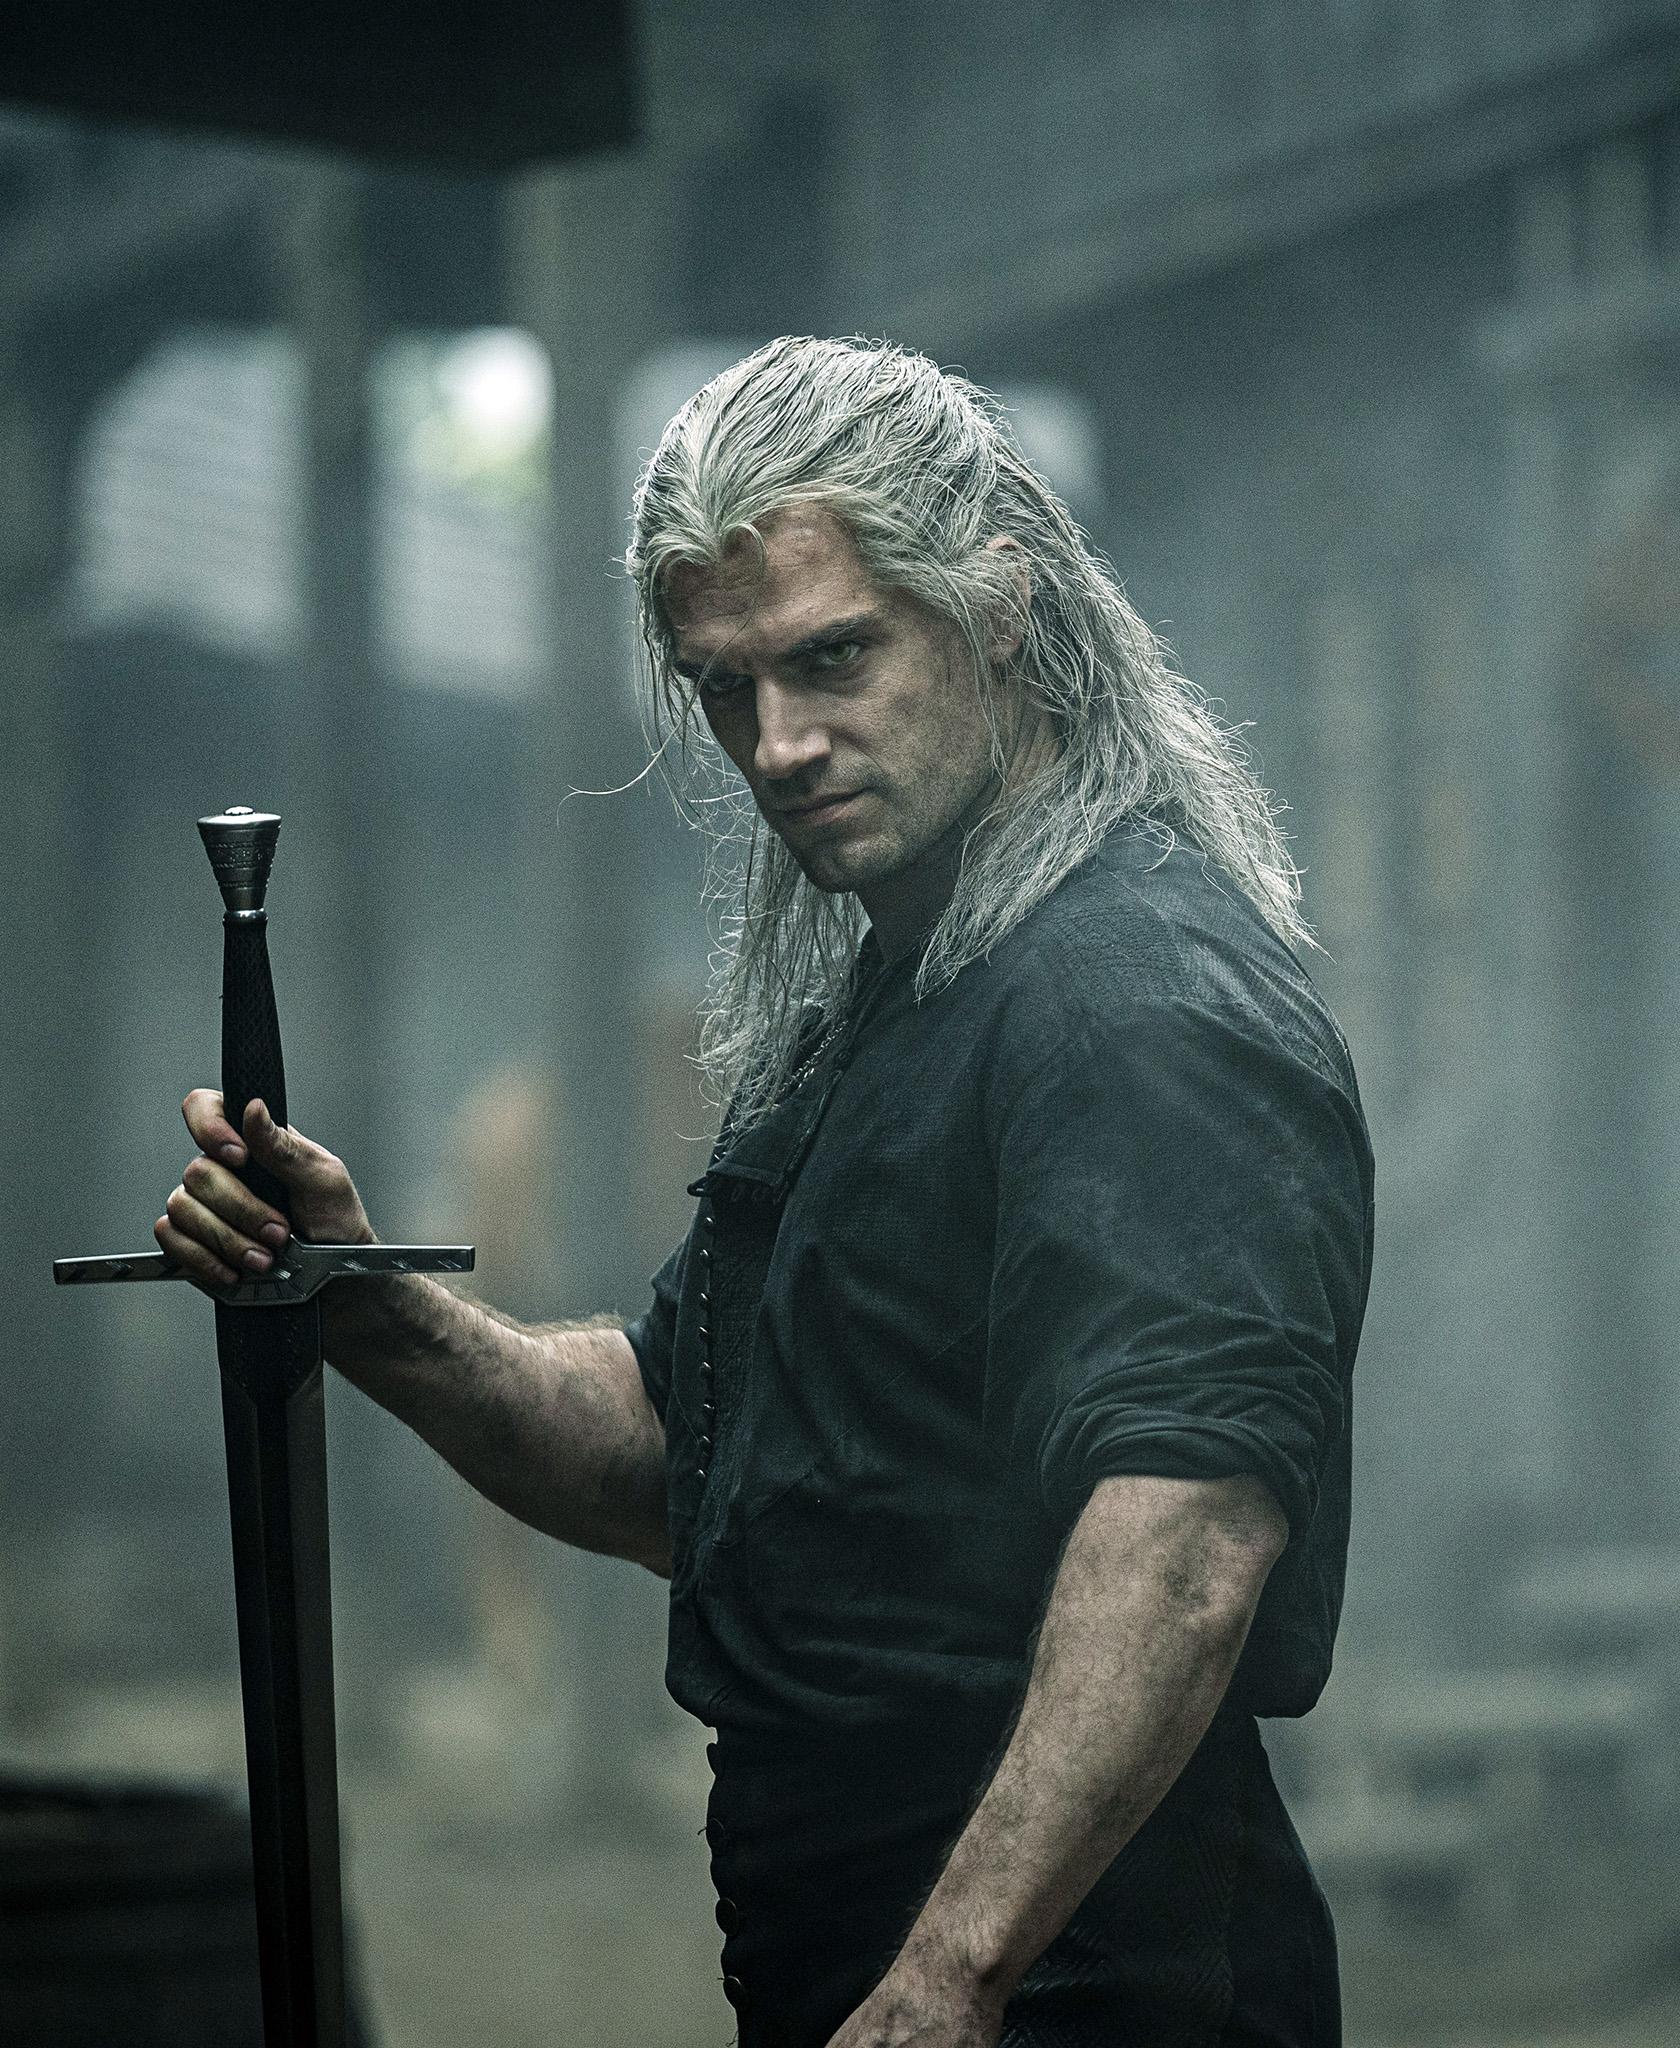 Resultado de imagen para Geralt de Rivia witcher